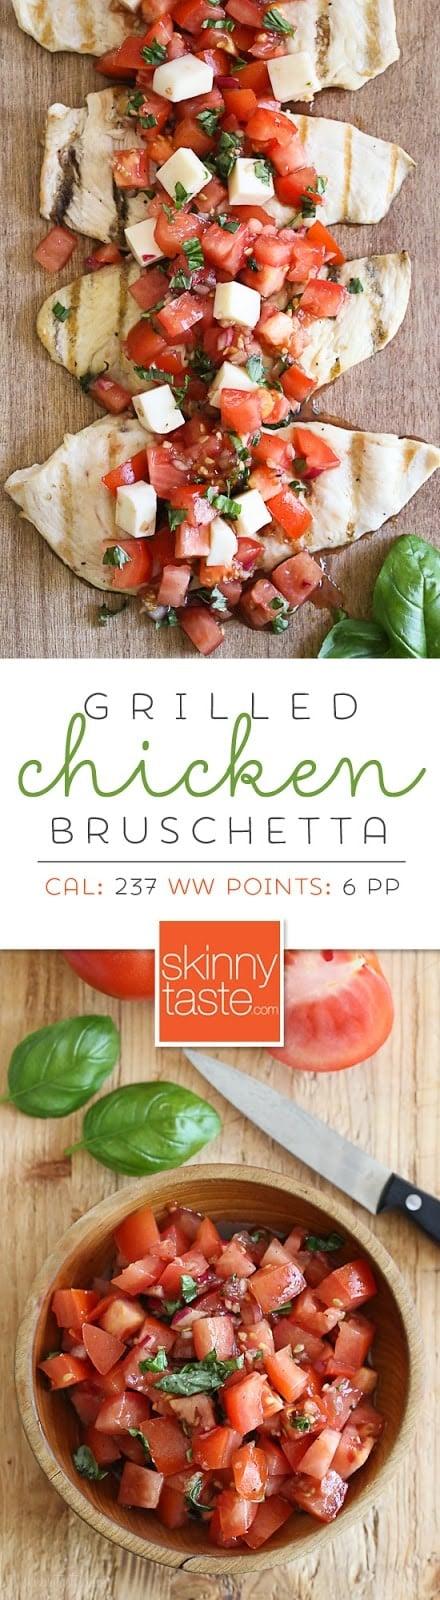 Grilled chicken Bruschetta - a delicious, light summer dish!